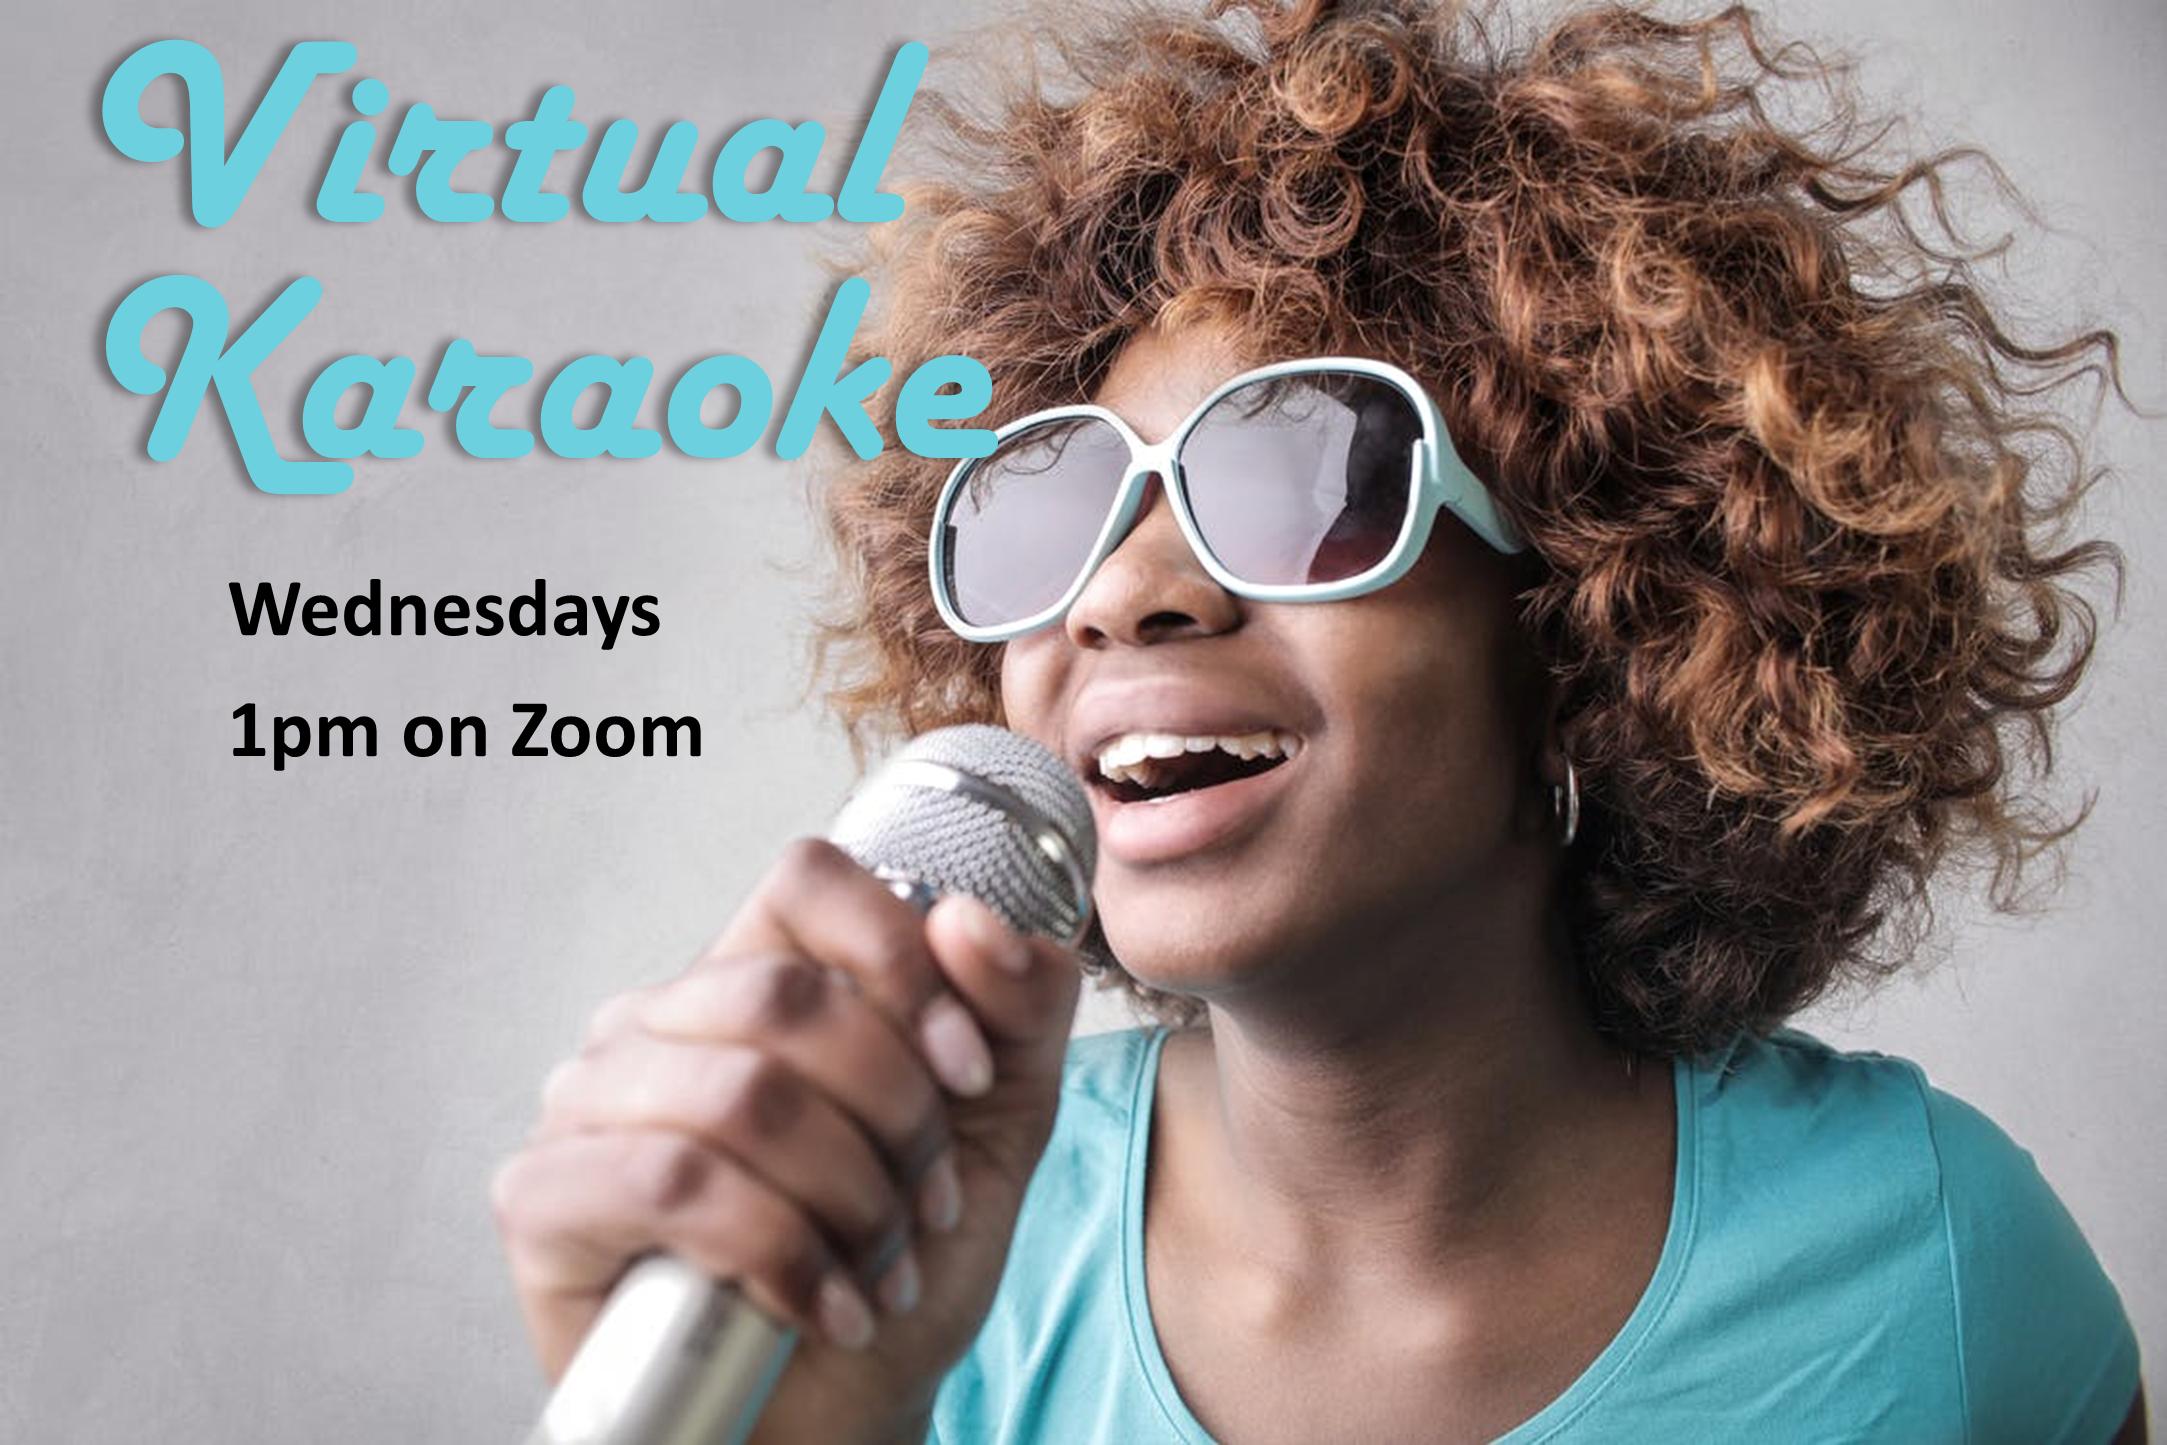 Virtual Karaoke